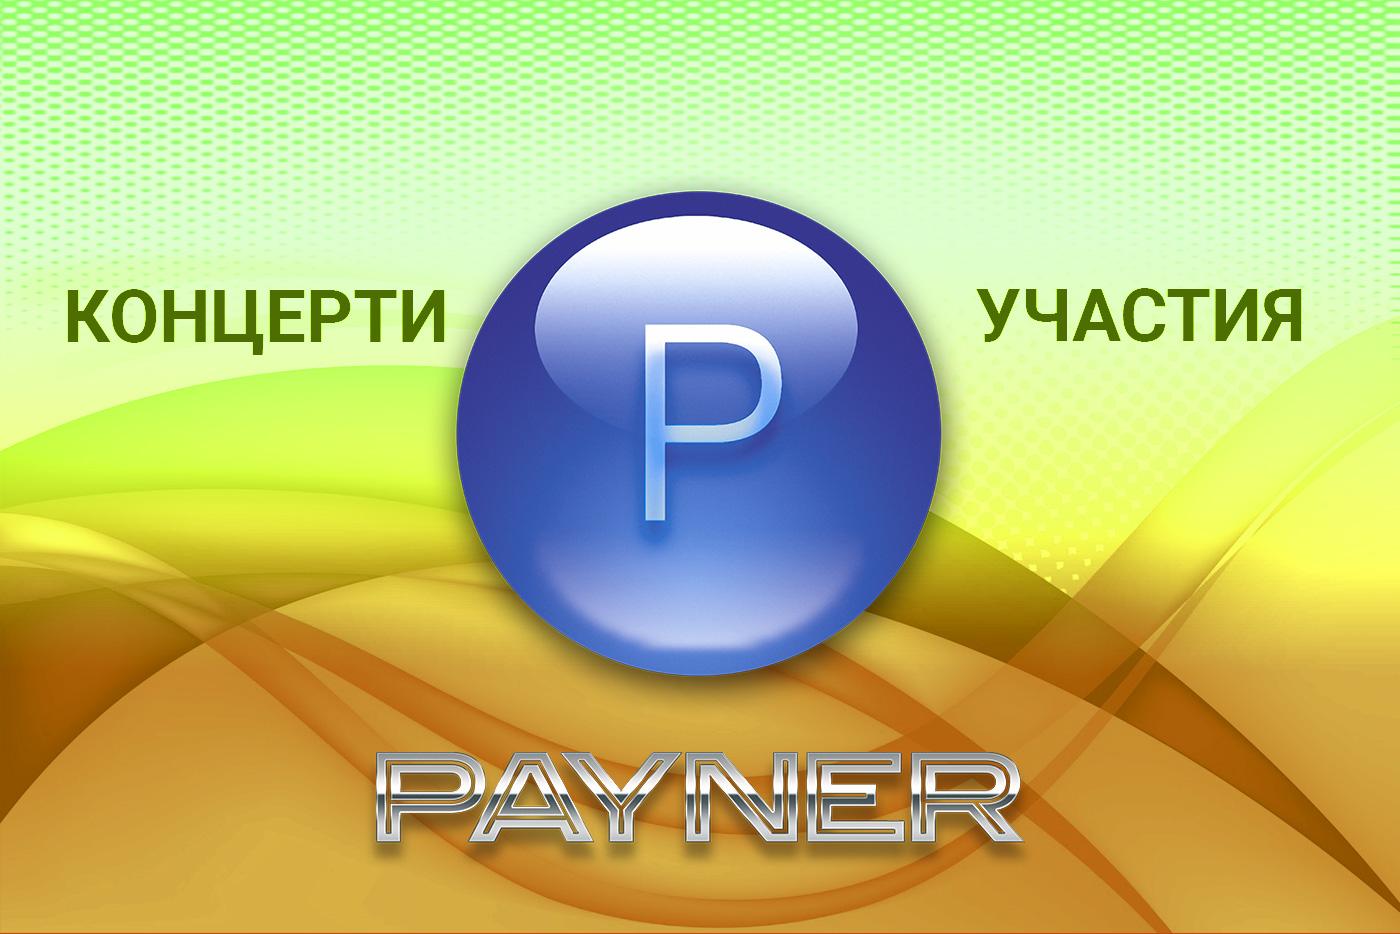 """Участия на звездите на """"Пайнер"""" на 25.08.2019"""